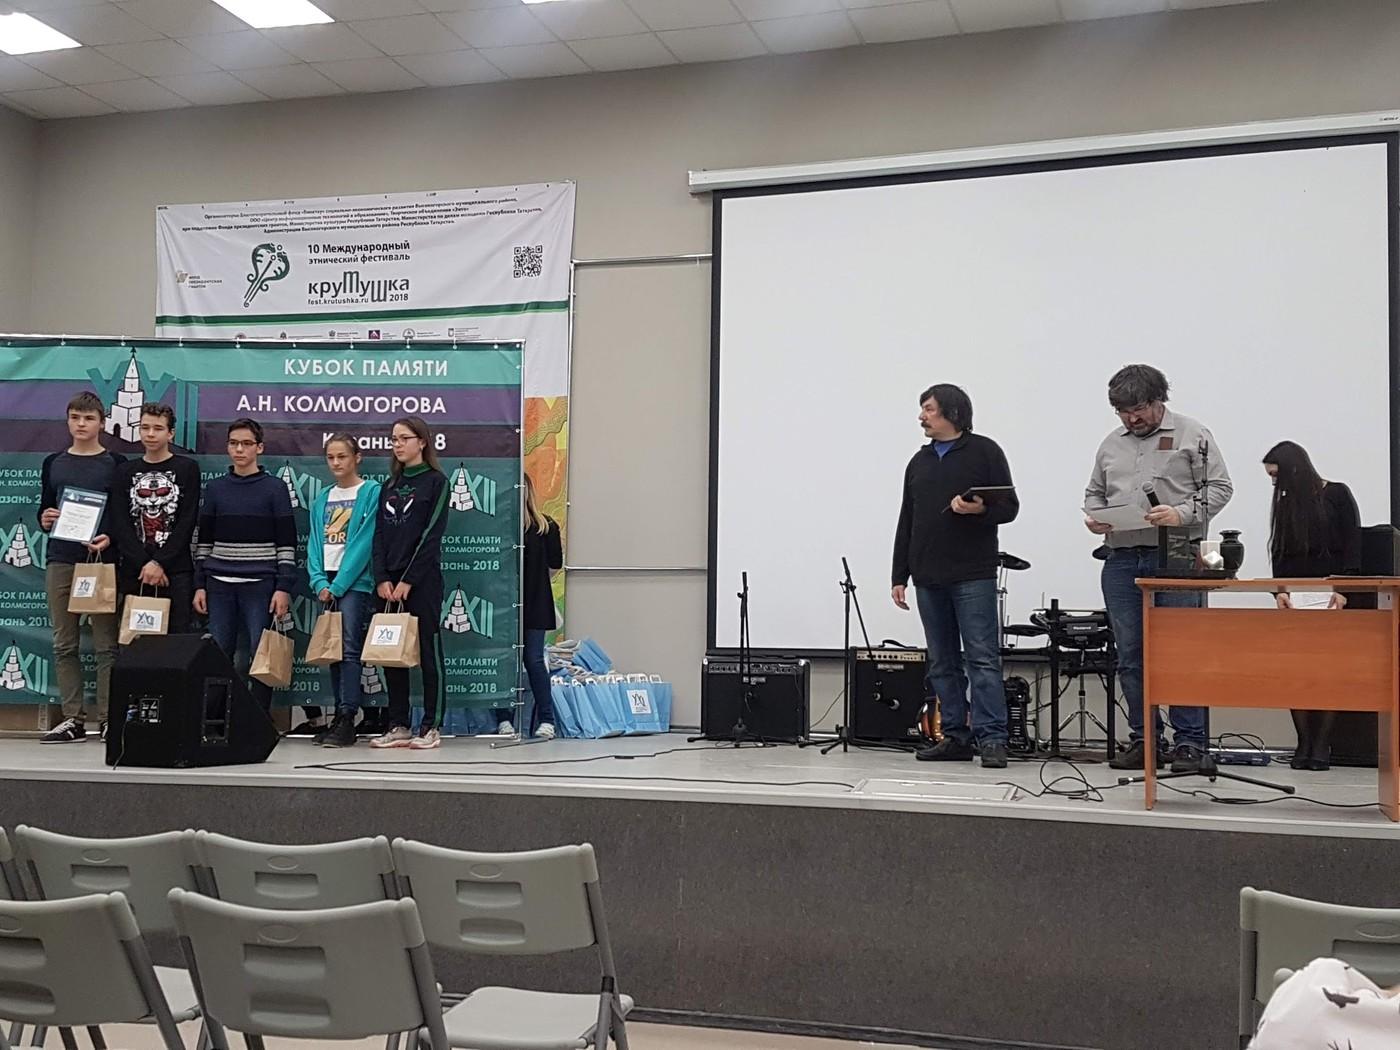 Помочь (на самом деле проведать друзей) на школьном турнире по олимпиадной математике в Казани